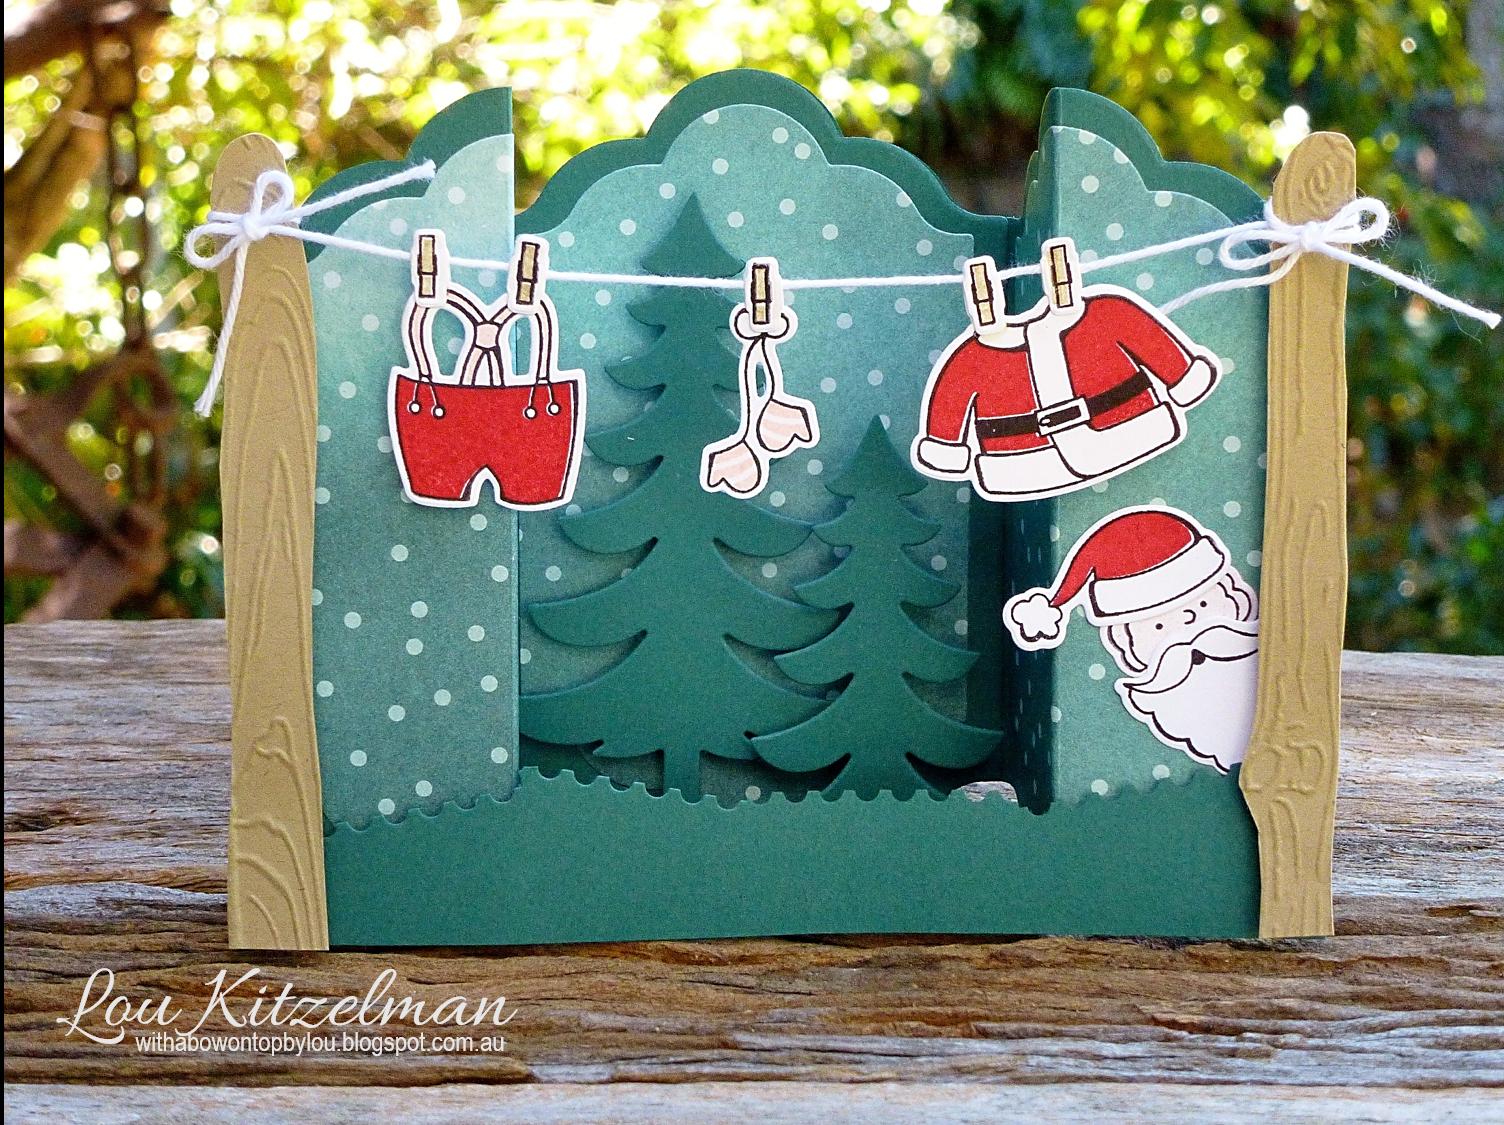 образом, идеи открытки к рождеству своими руками отката комбинированный